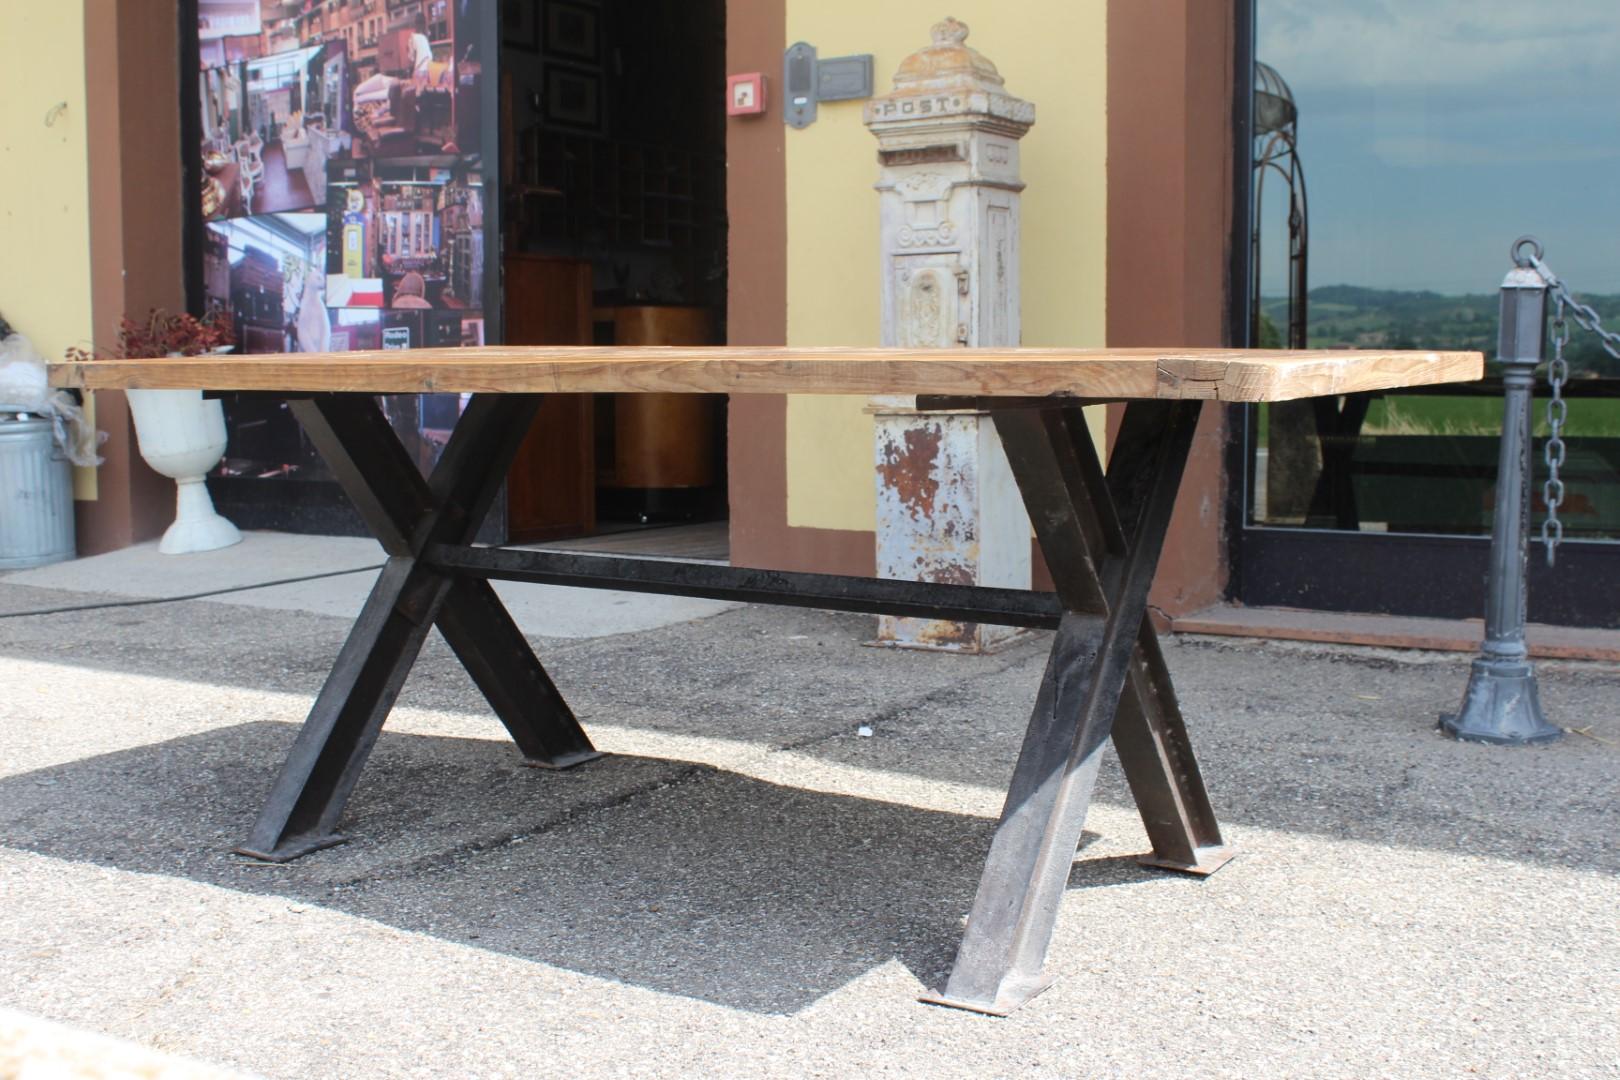 Tavolo In Ferro E Legno : Arredi da negozio: tavolo industriale in ferro e legno